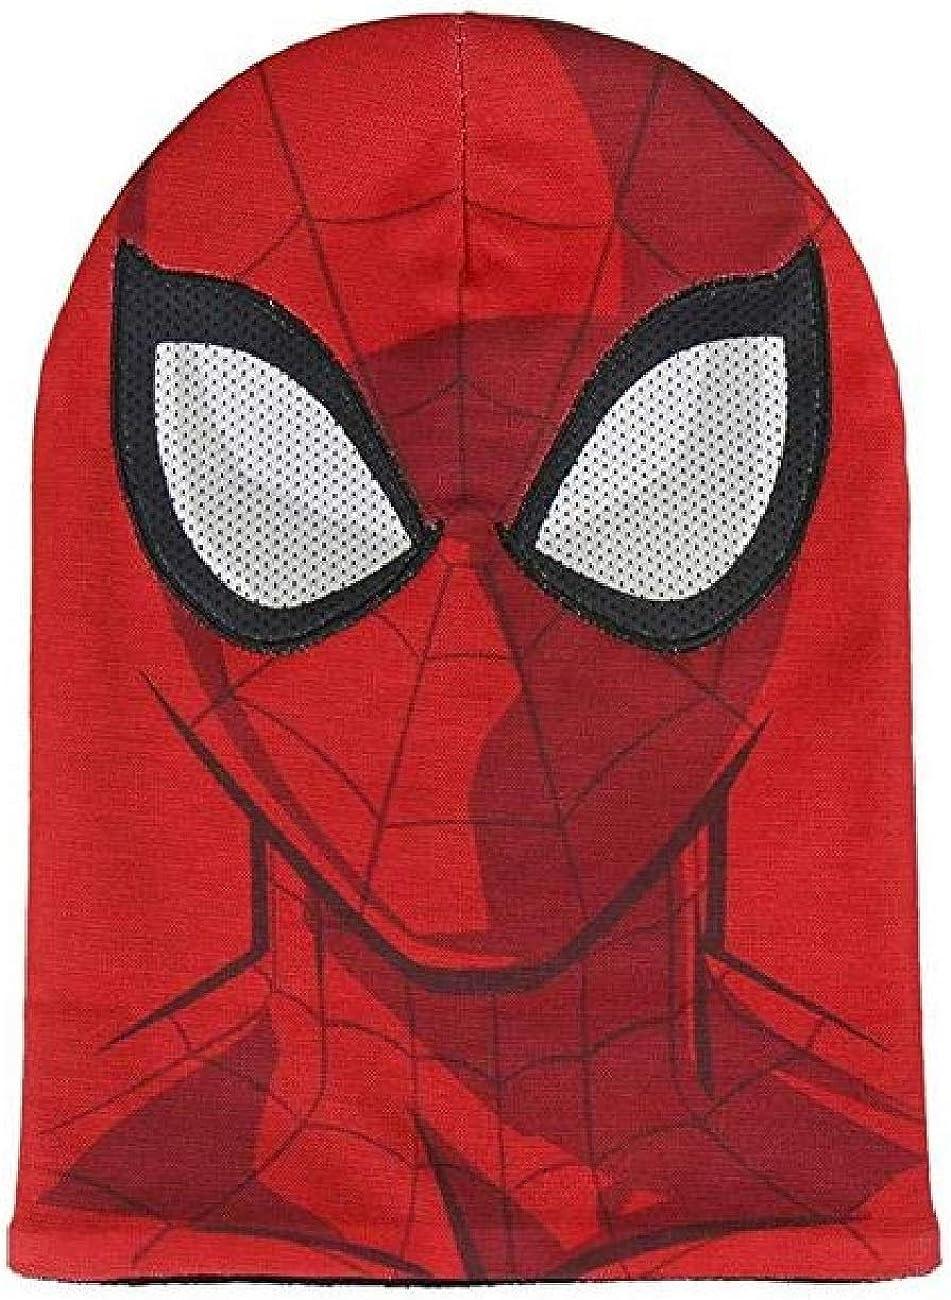 Cappello Maschera Bambino Spiderman Occhi 3 D Berretto Invernale Uomo Ragno